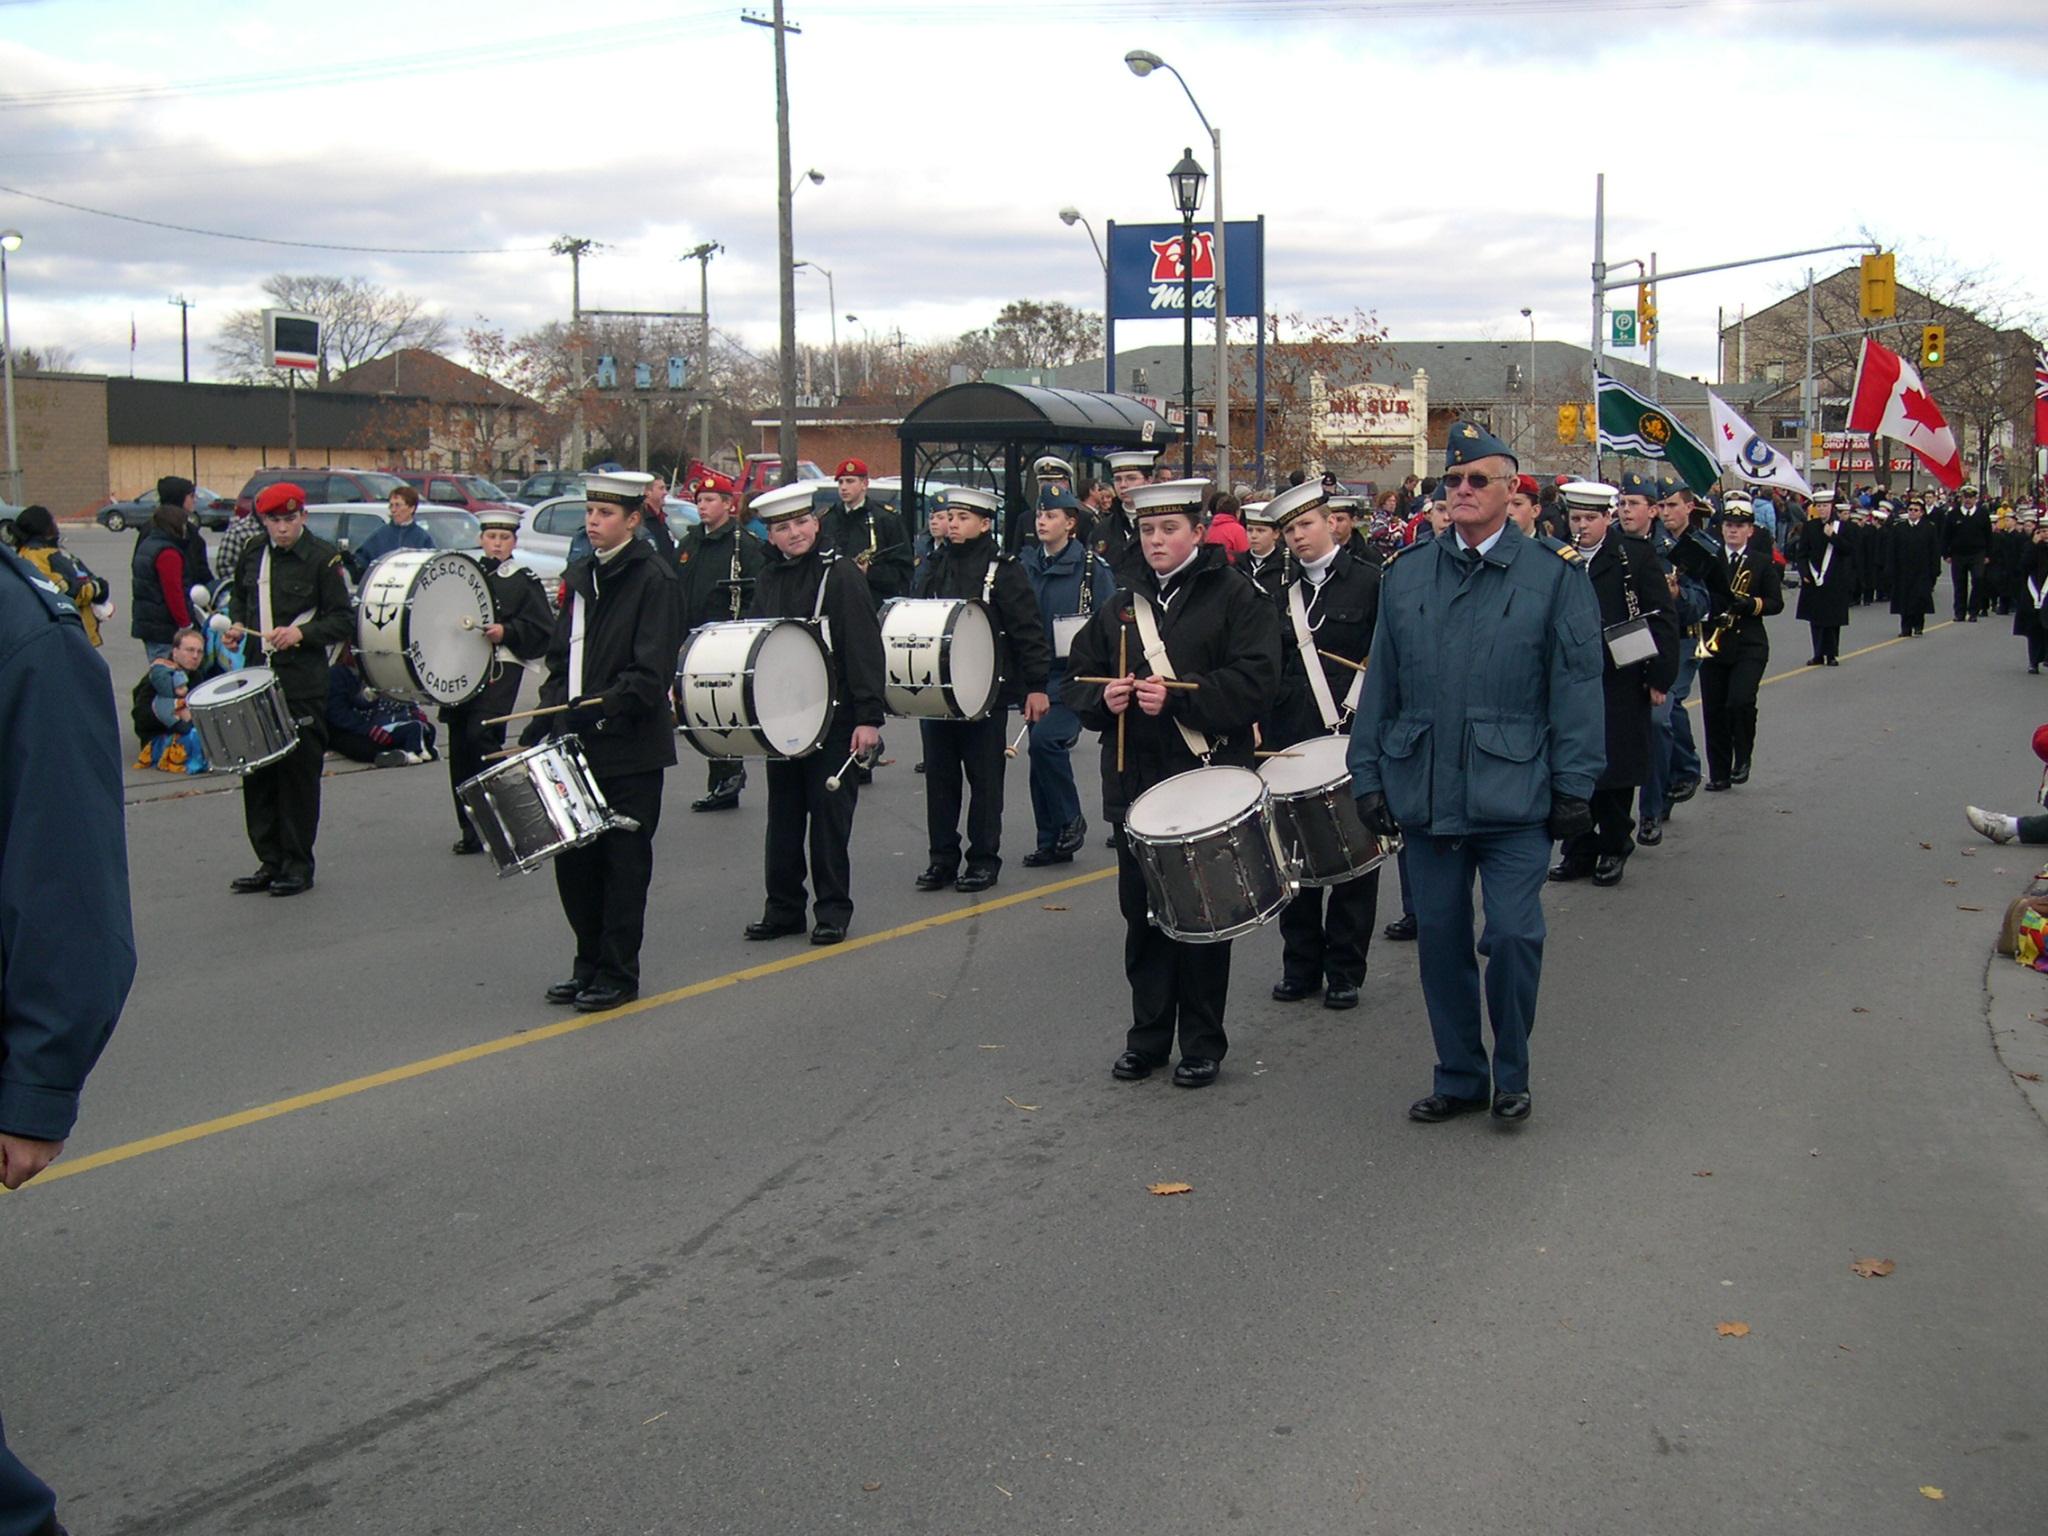 04-11-21 Cobourg Santa Claus Parade, Photo 14